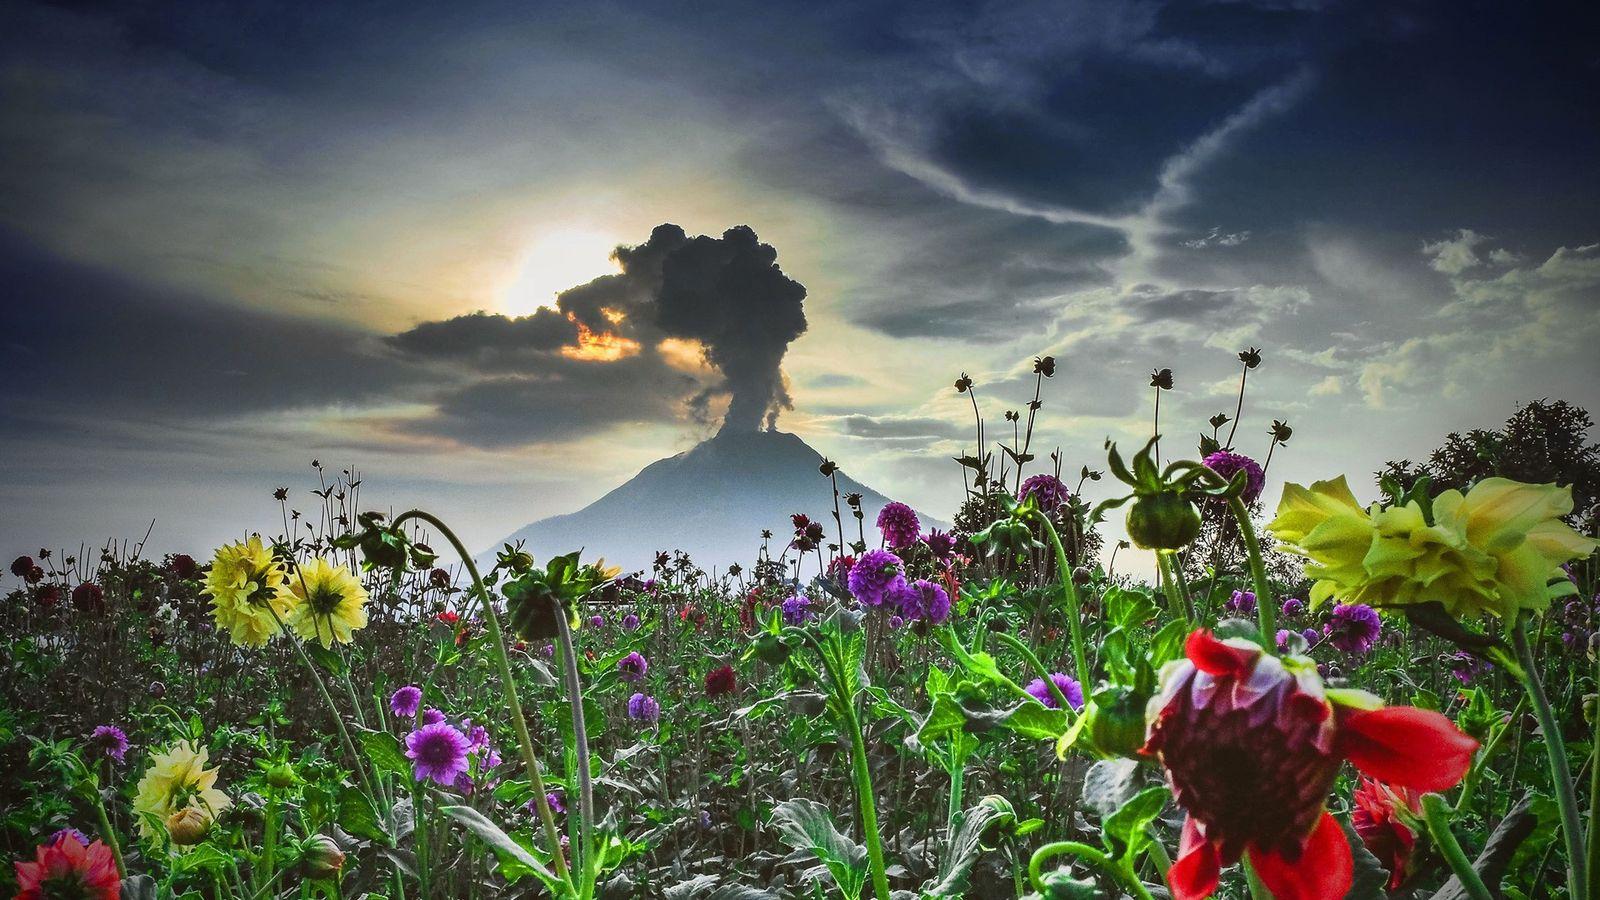 O vulcão Sinabung, no oeste da Indonésia, adormeceu durante cerca de 400 anos, antes de acordar ...